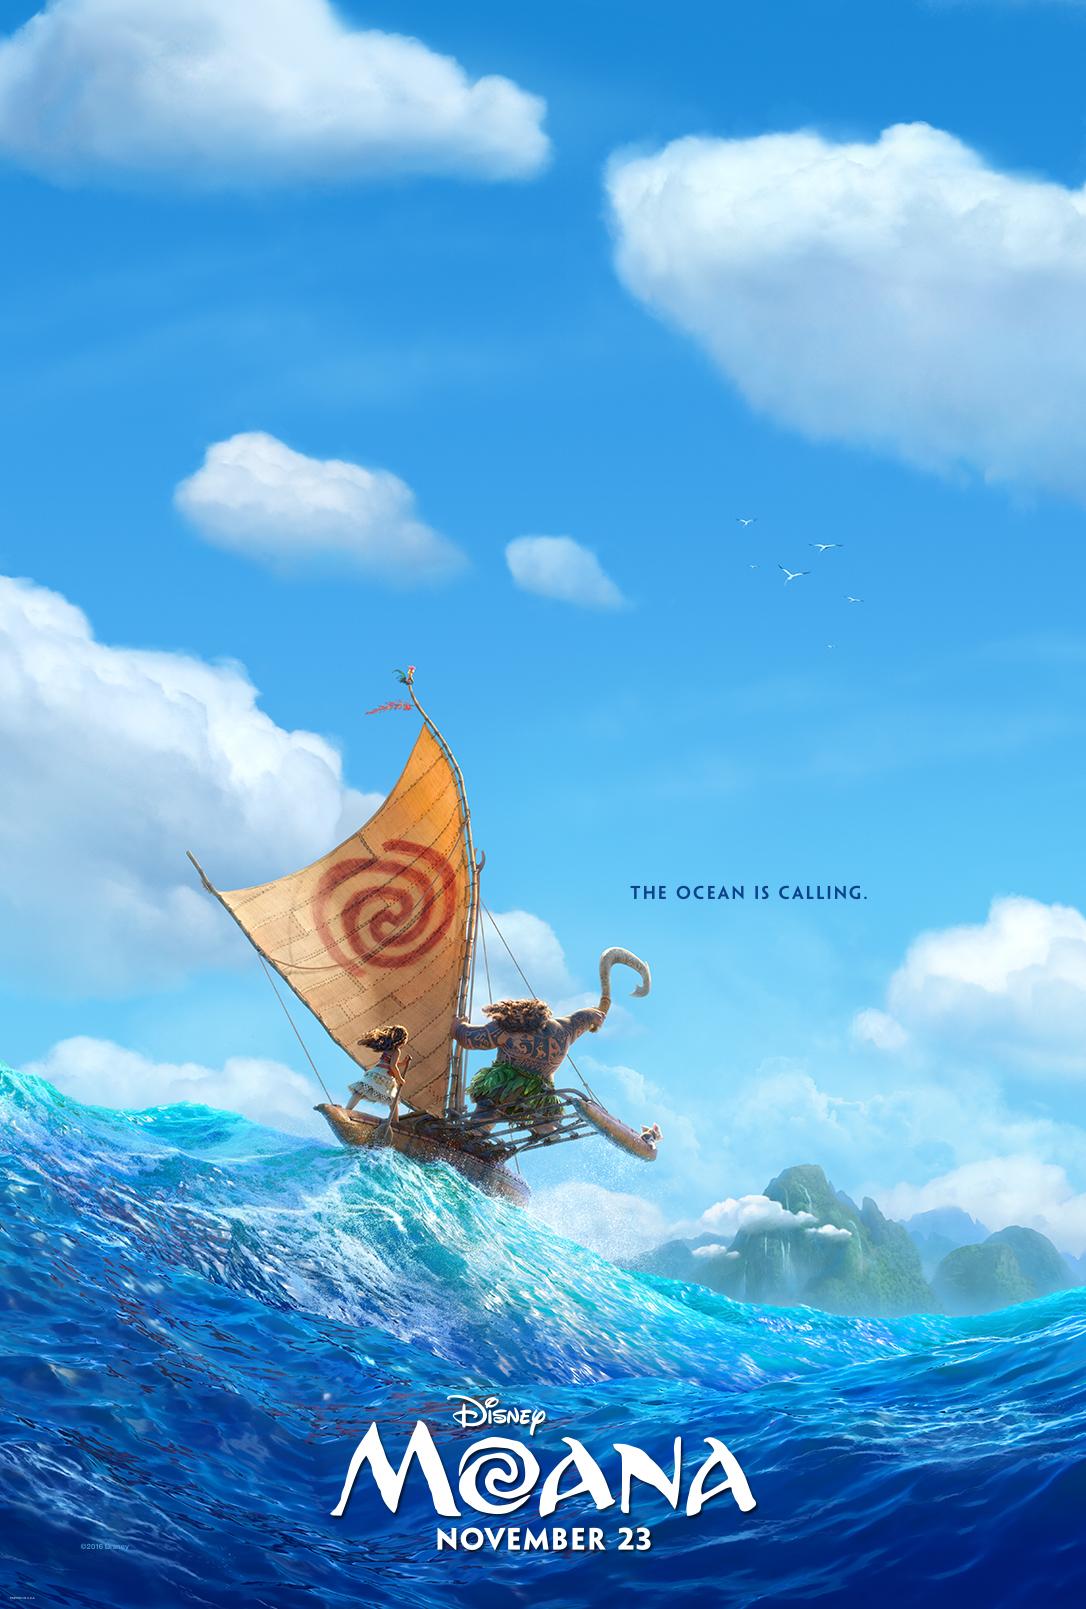 New Movie: Disney 'Moana'